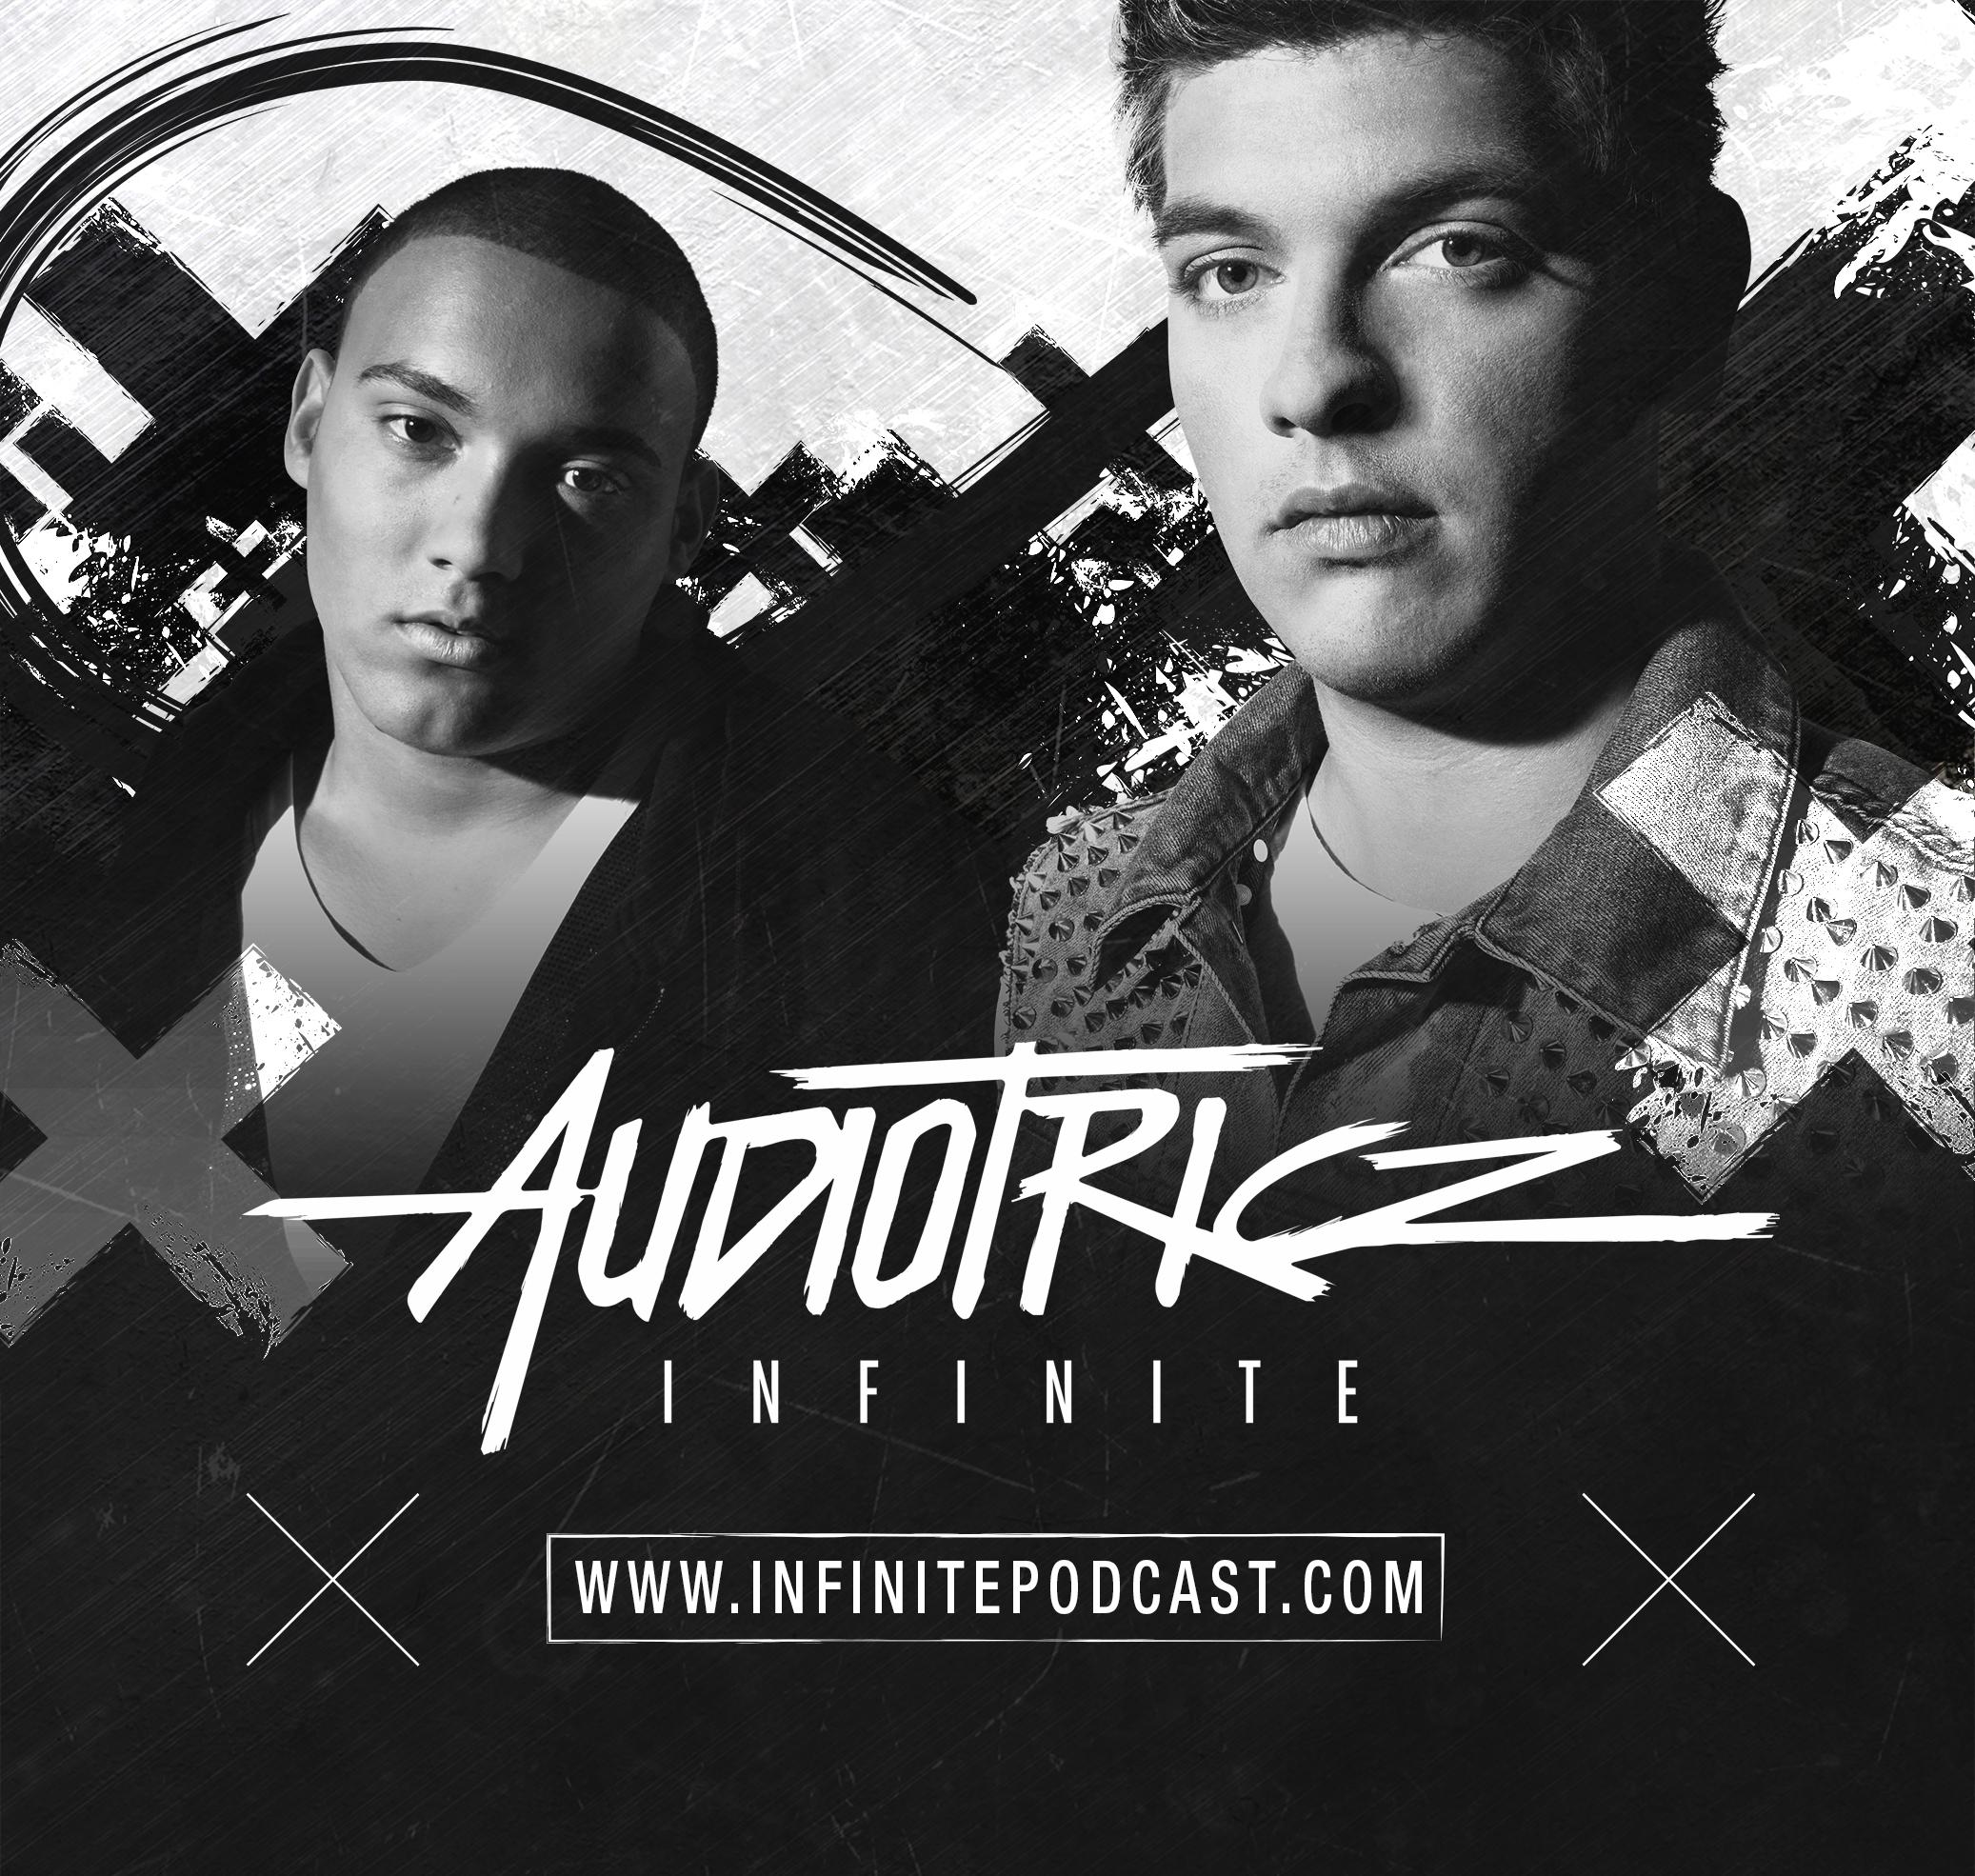 Audiotricz' Infinite Radioshow